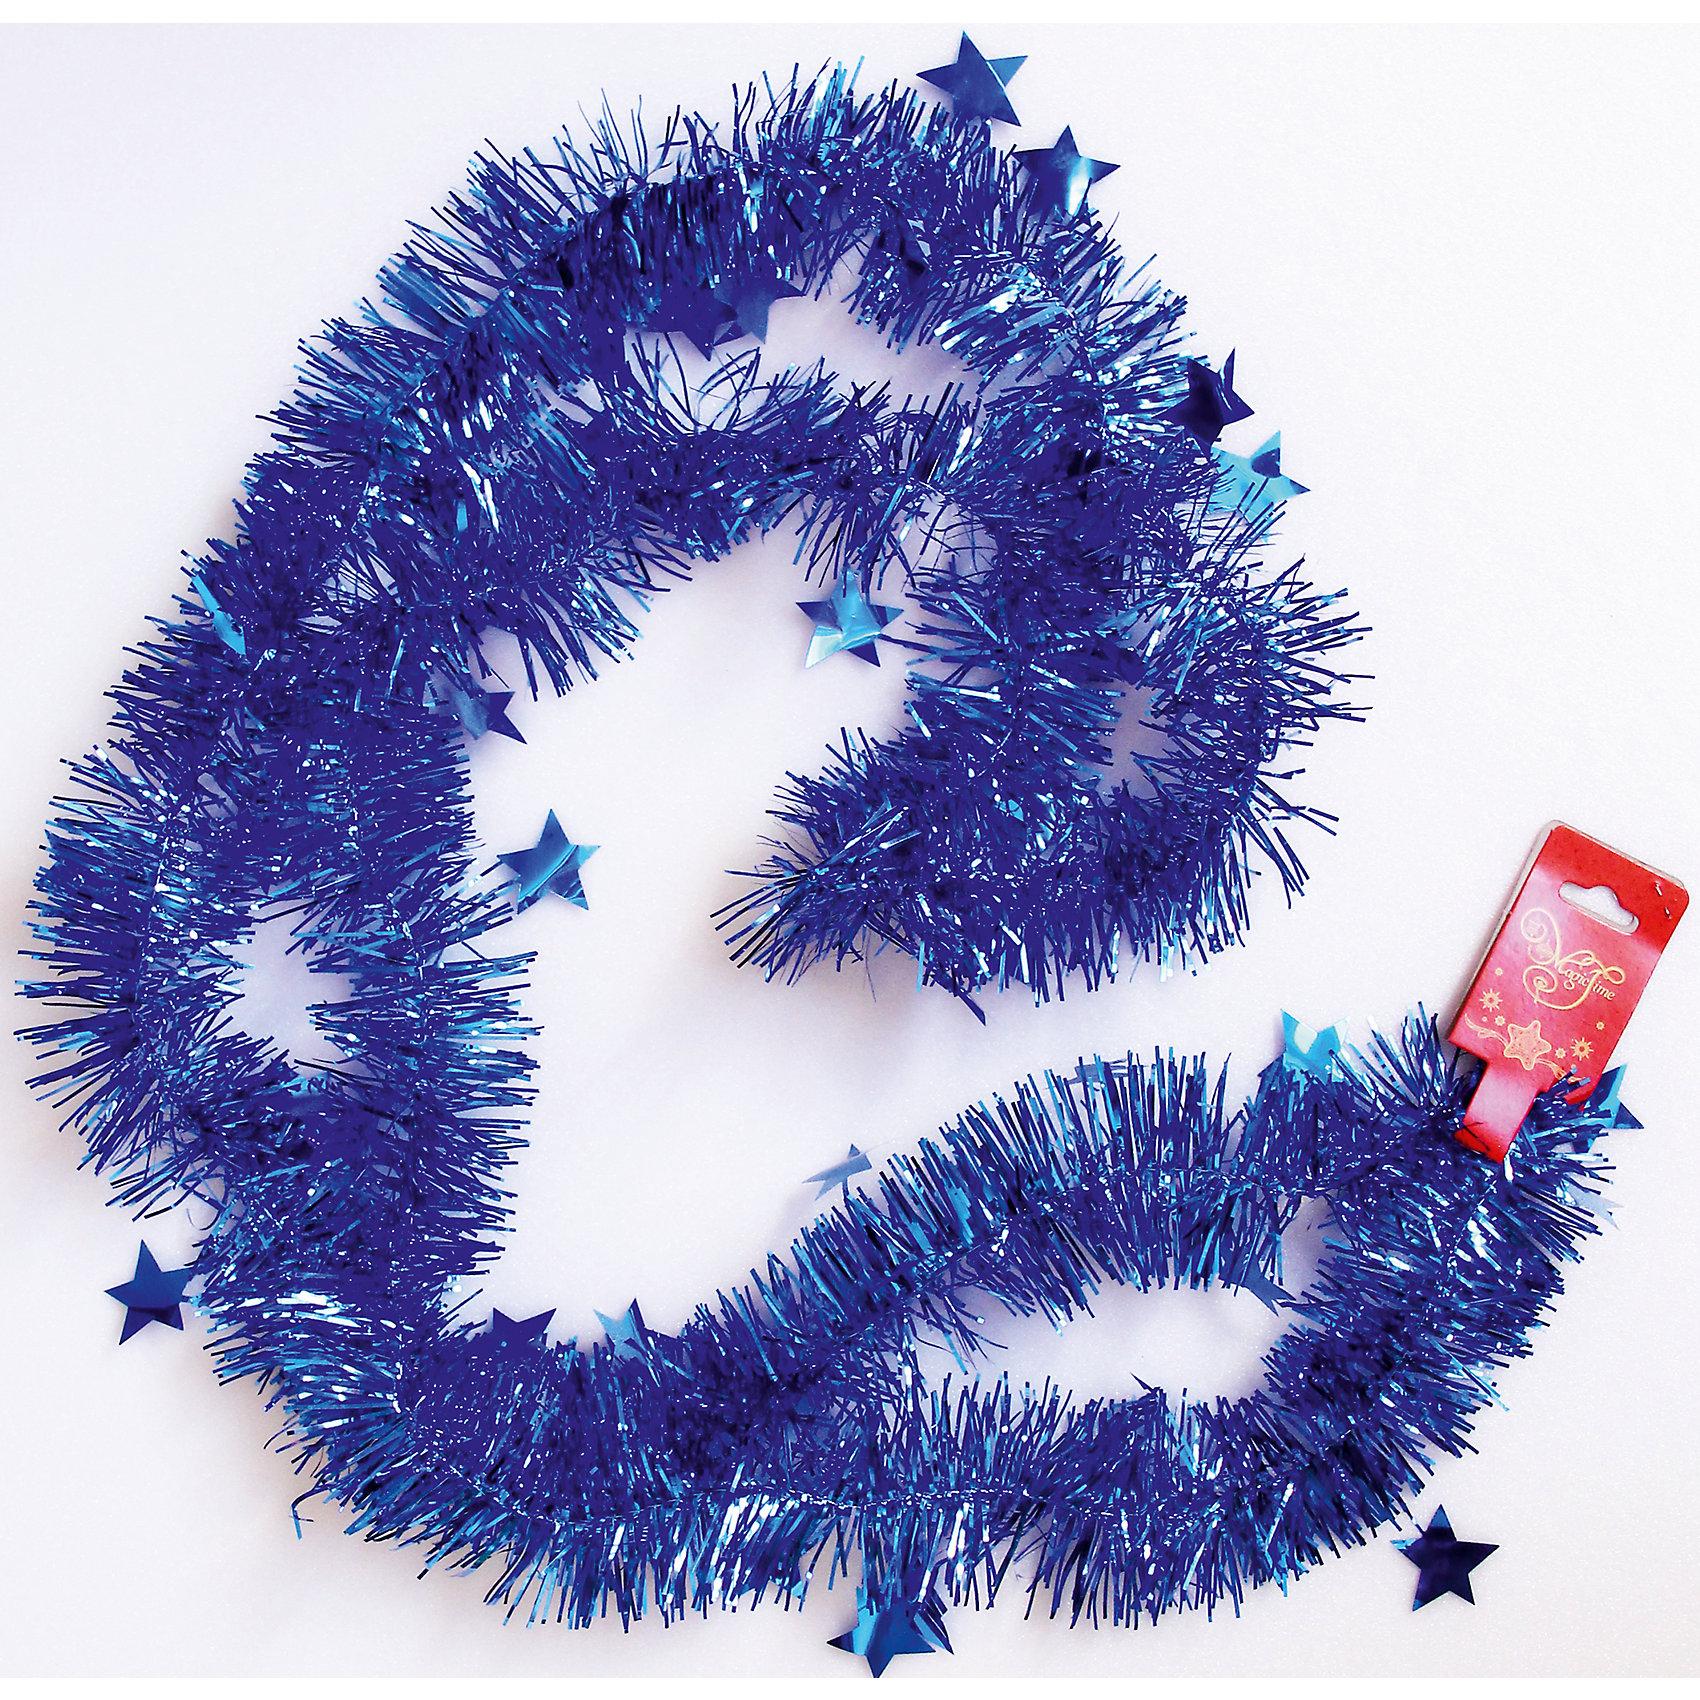 Мишура Синий 6*200 смВсё для праздника<br>Мишура в синий цвете отлично подойдет для украшения к новому году.  Она не будет сыпаться, поэтому останется яркой и блестящей и будет радовать вас ещё не один год. Порадуйте себя и близких красотой и блеском новогодней мишуры в синем цвете.<br><br>Характеристика:<br>-Размер: 6 м 200 см<br>-Цвет: синий<br>-Арт.: 34901<br><br>Мишуру Синий можно приобрести в нашем интернет-магазине.<br><br>Ширина мм: 100<br>Глубина мм: 100<br>Высота мм: 60<br>Вес г: 15<br>Возраст от месяцев: 36<br>Возраст до месяцев: 2147483647<br>Пол: Унисекс<br>Возраст: Детский<br>SKU: 4981445